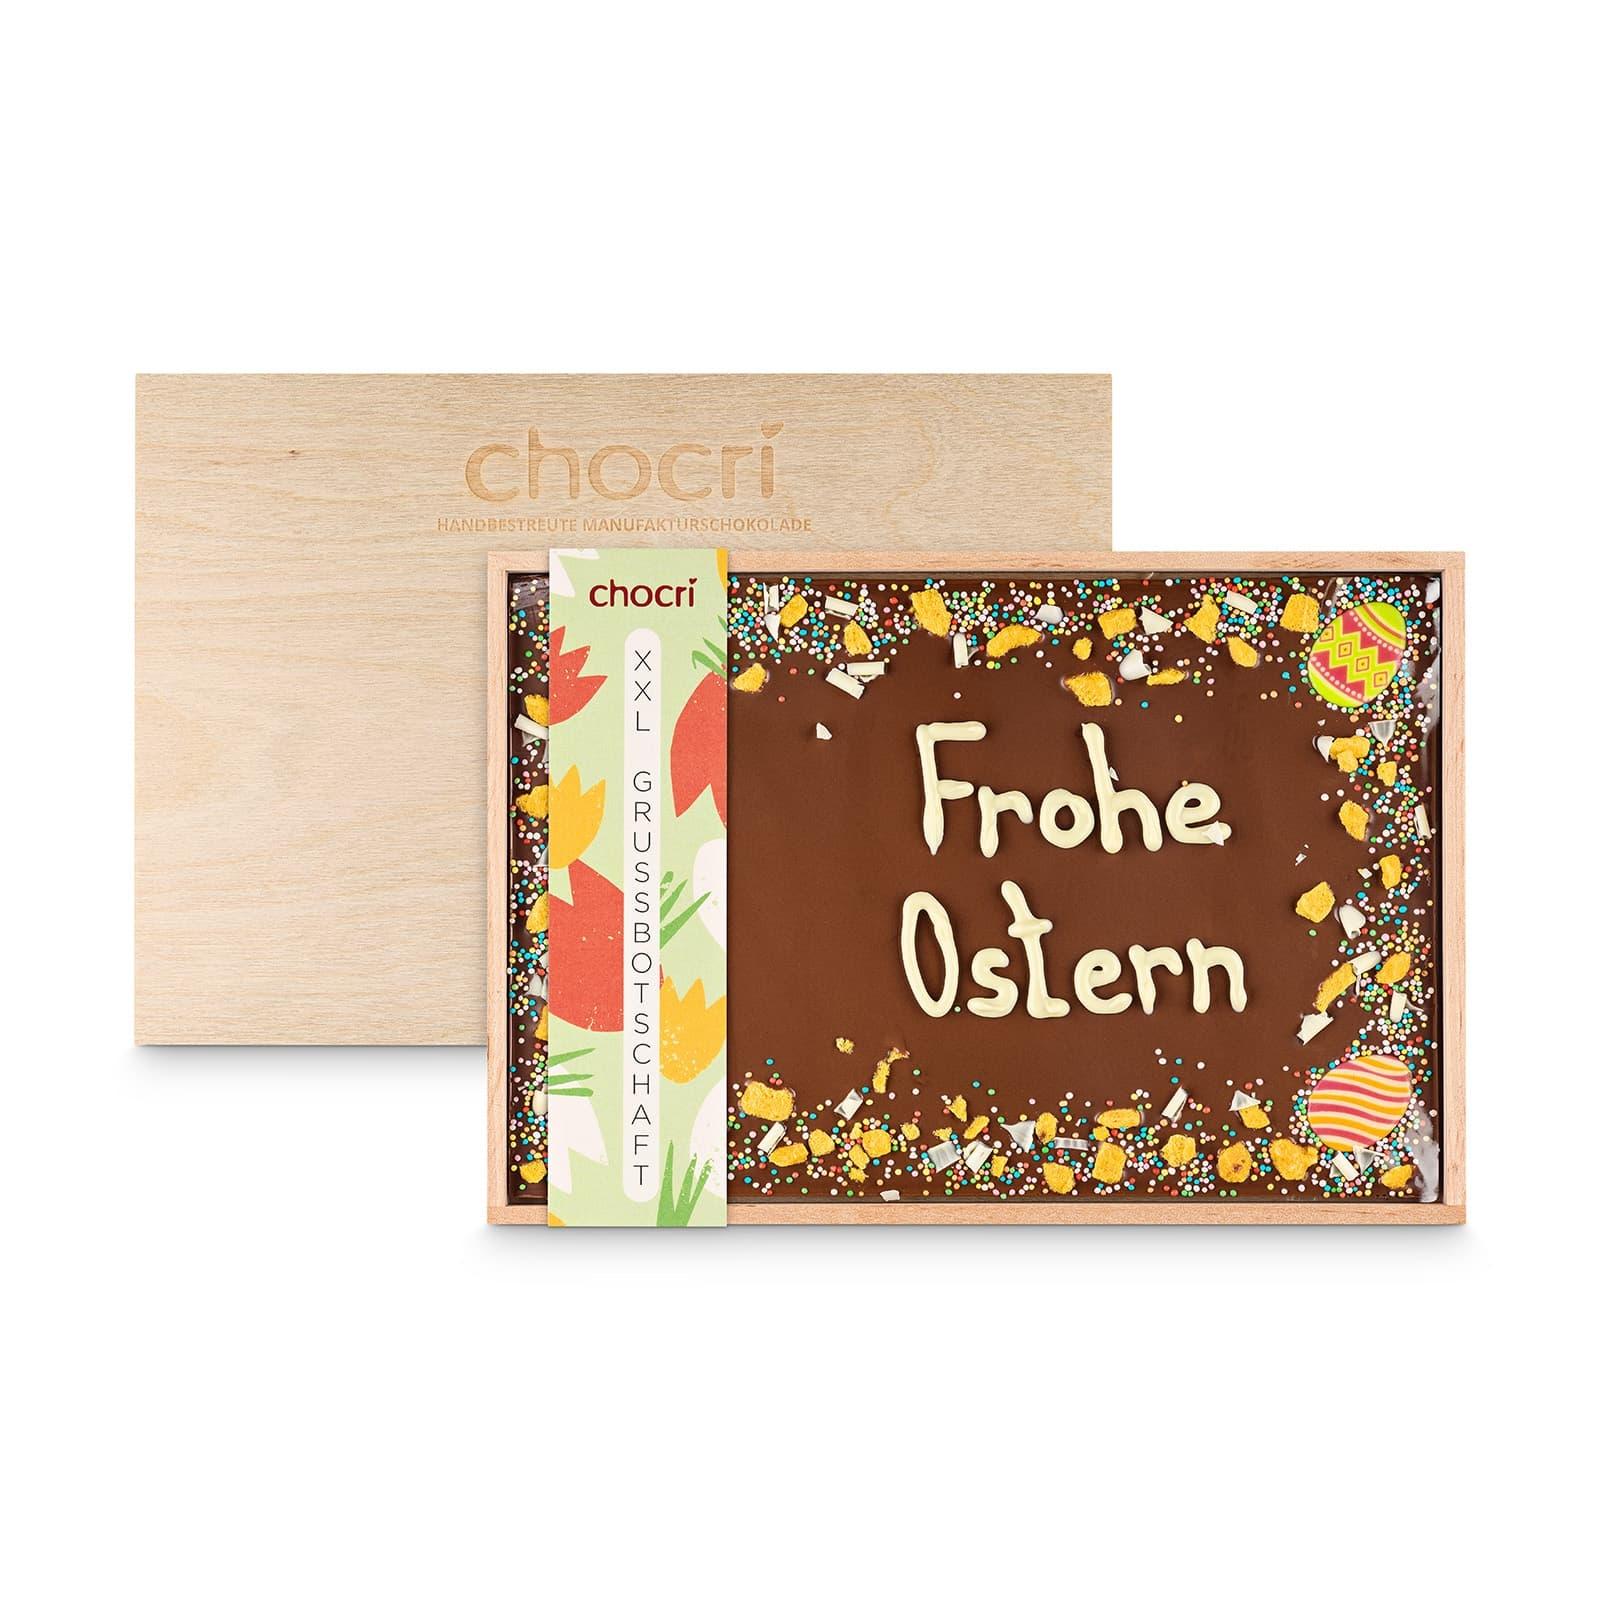 XXL Vollmilch-Schokoladentafel handbeschriftet mit Oster-Botschaft in einer hochwertigen Holzkiste